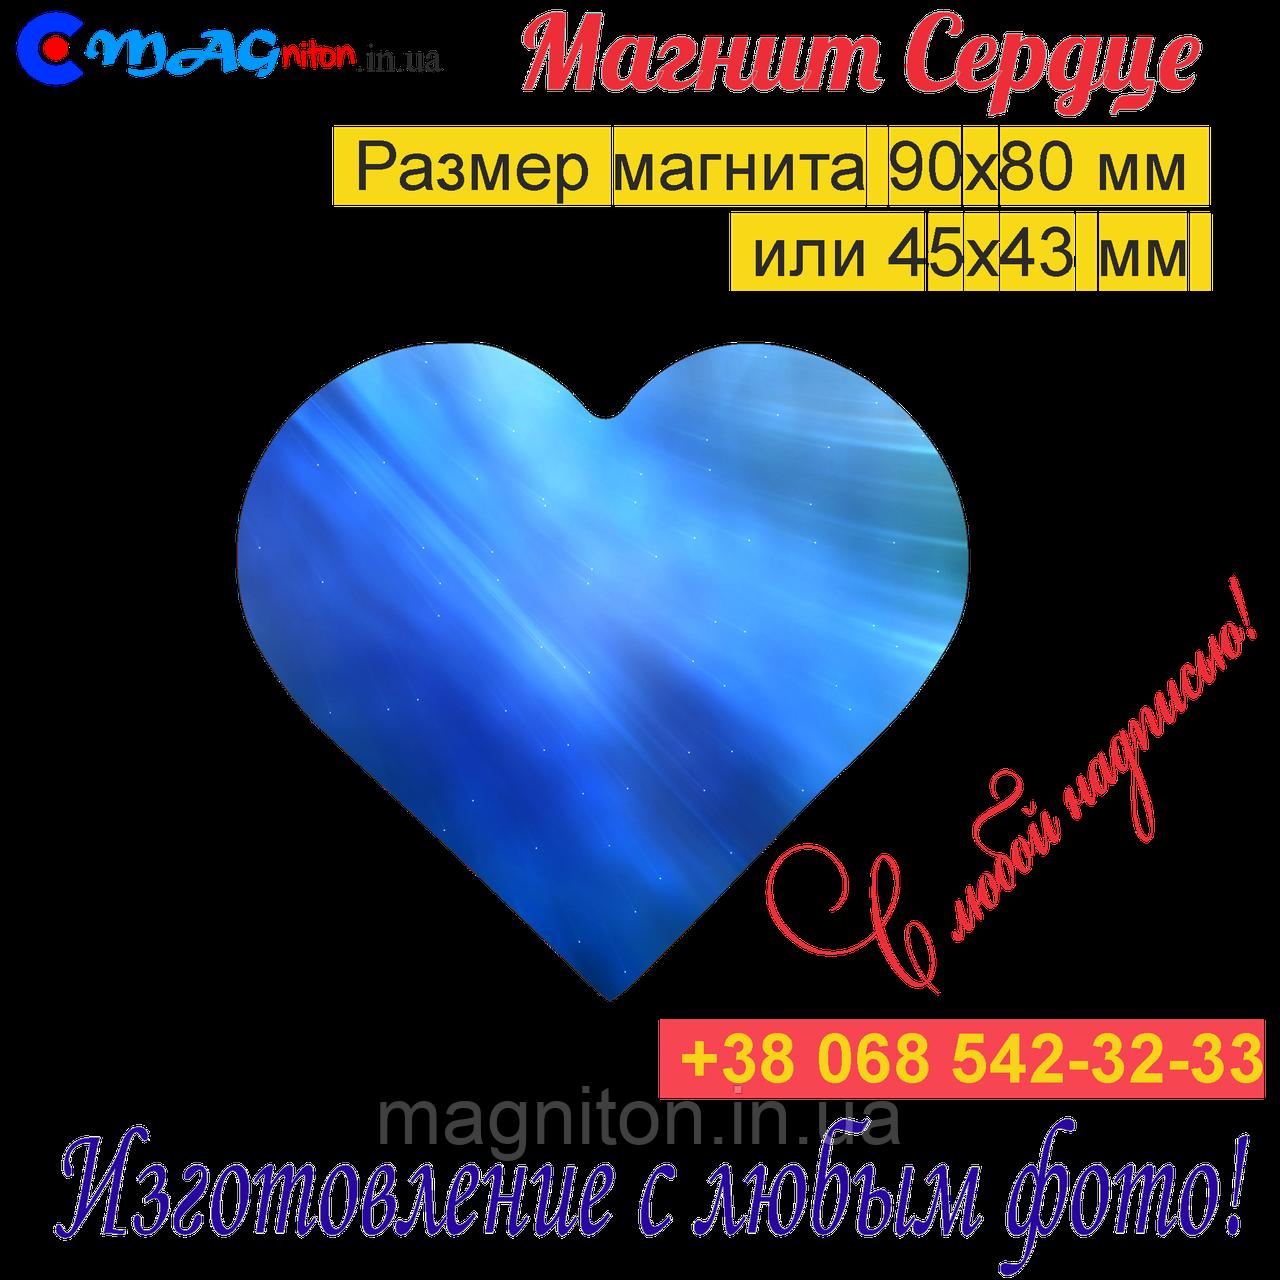 Магнит Сердце на холодильник 0102